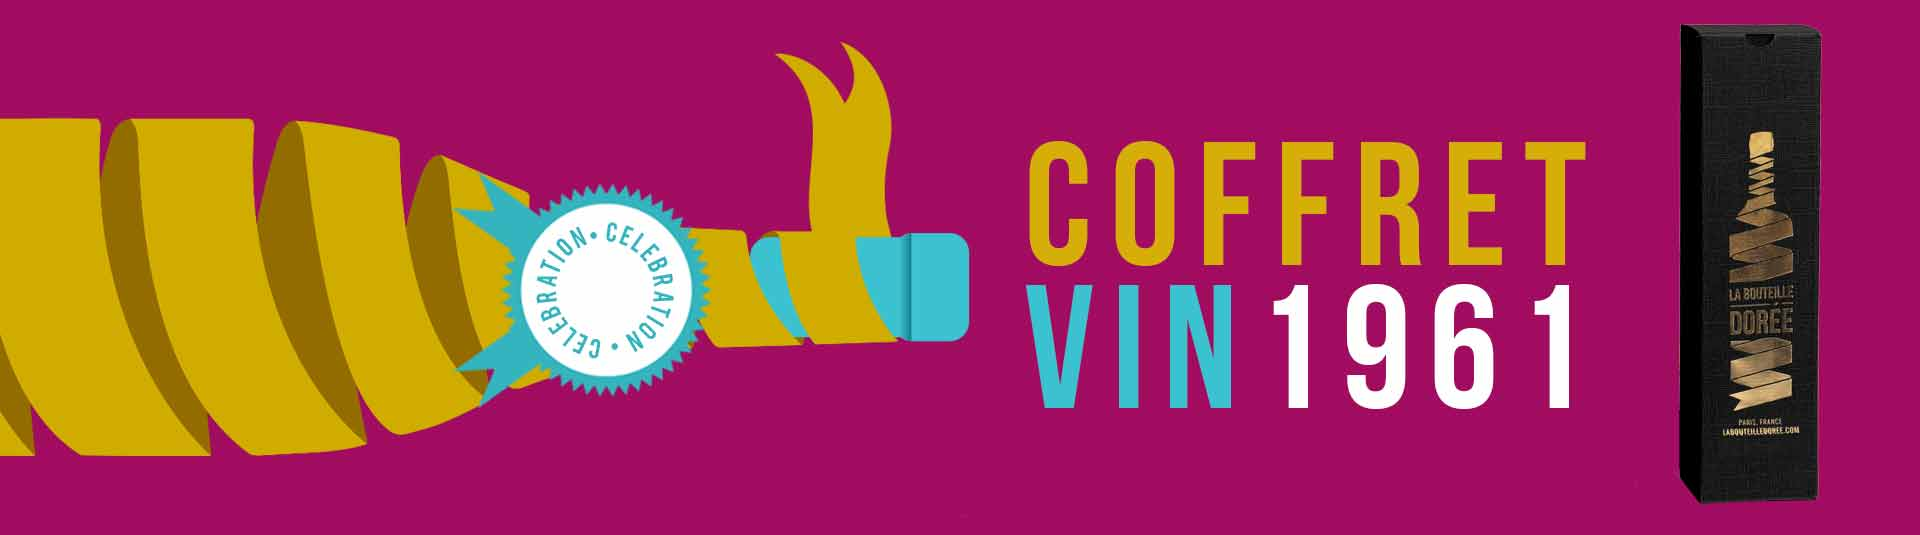 Coffret vin Anniversaire 60 ans 1 bouteille